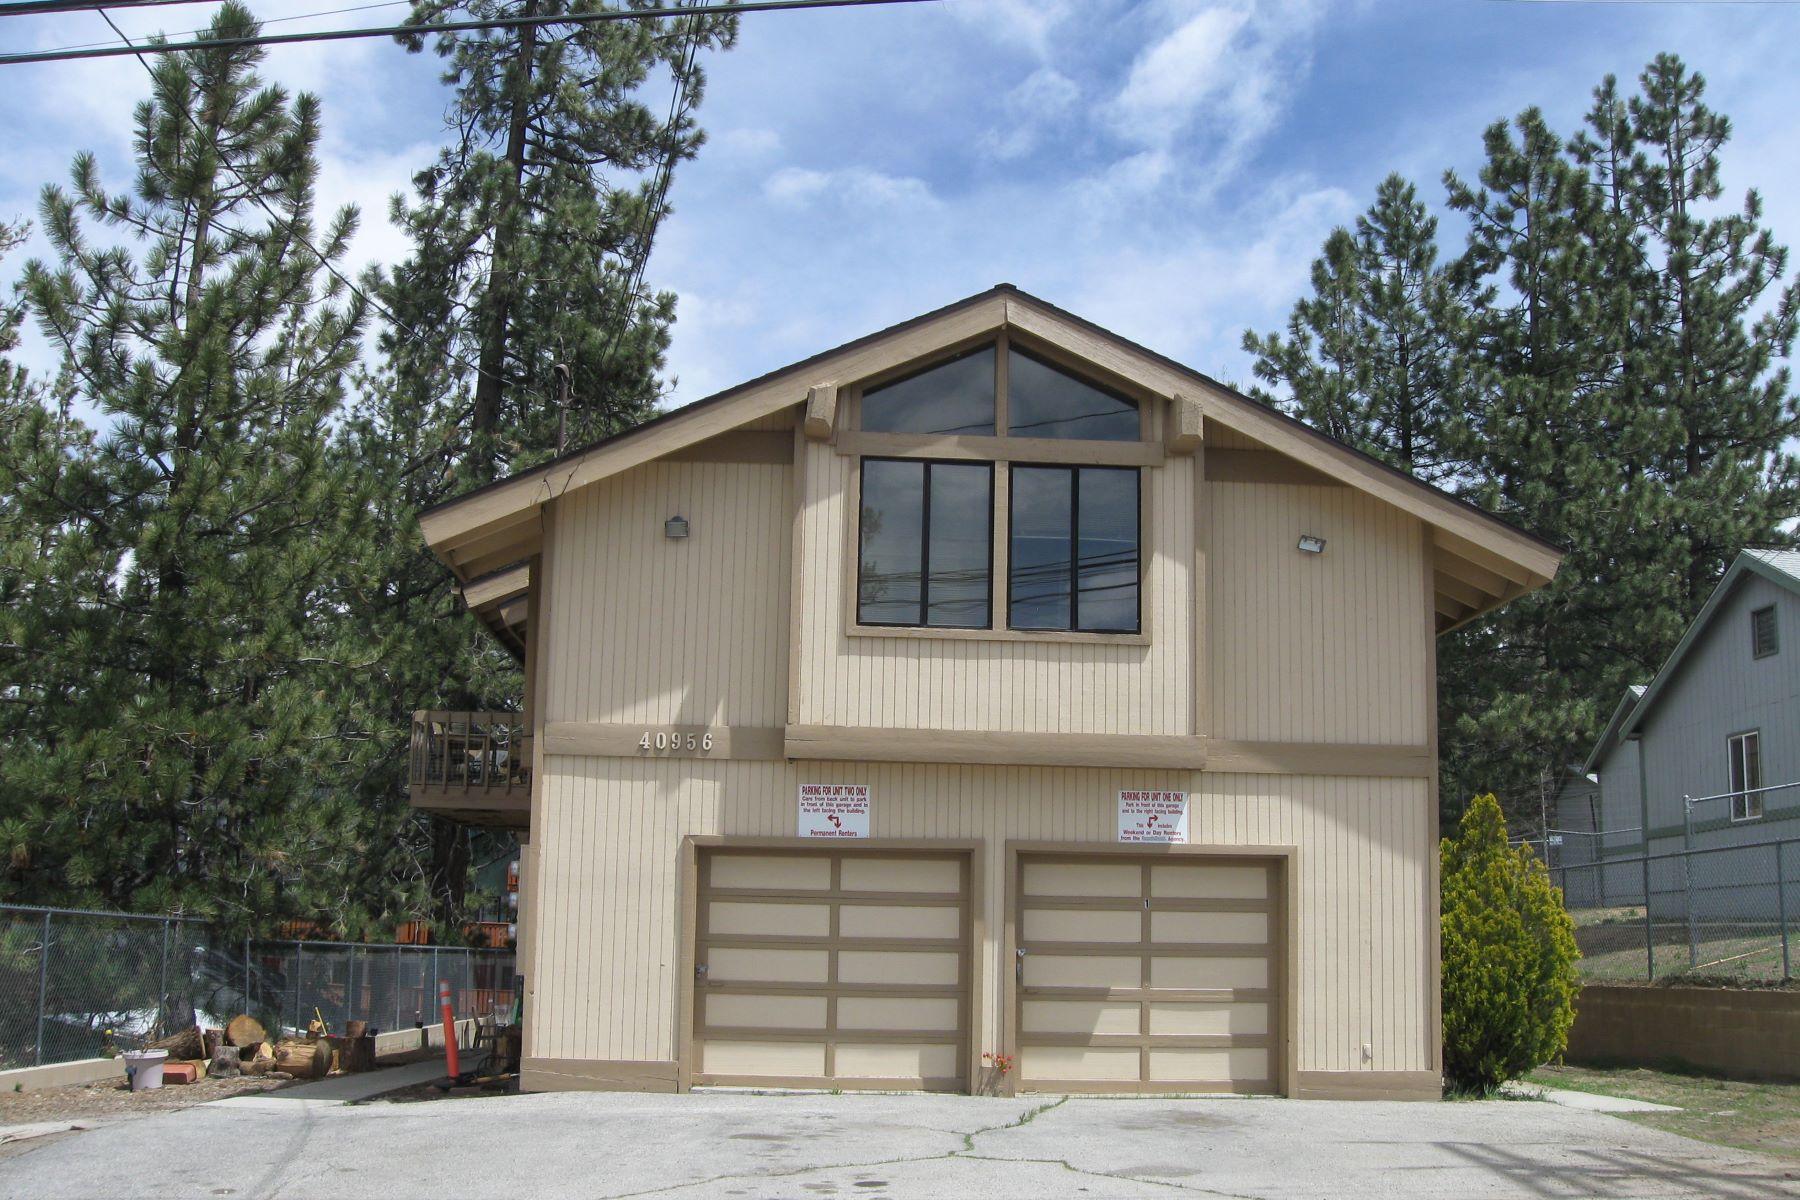 多户住宅 为 销售 在 40956 Pennsylvania, Big bear Lake Ca. 92315 大熊湖, 加利福尼亚州, 92315 美国